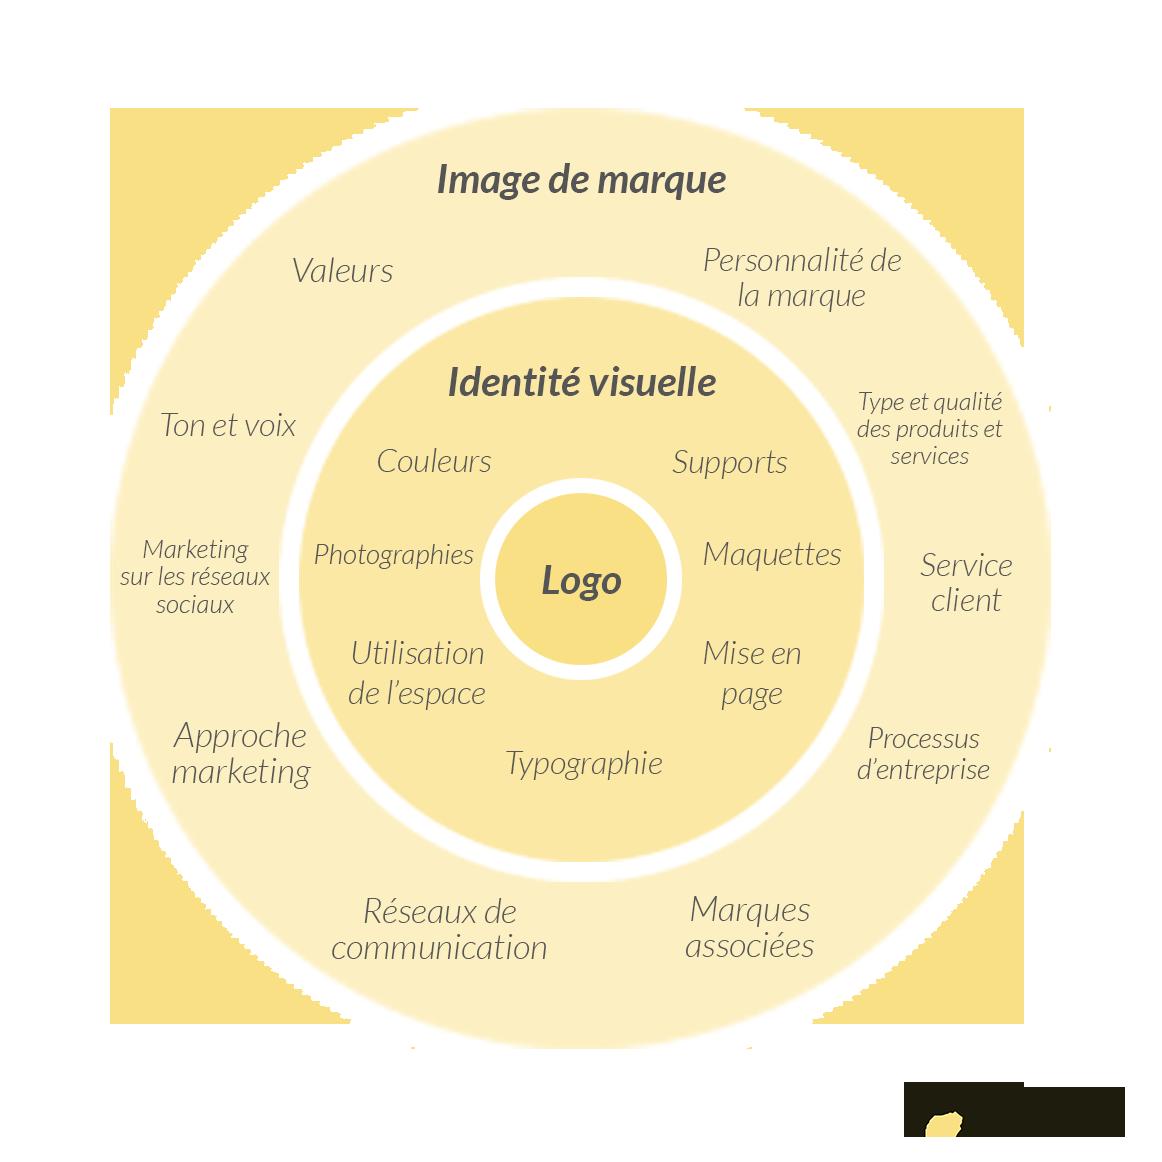 infographie sur l'image de marque, l'identité visuelle et le logo d'une entreprise